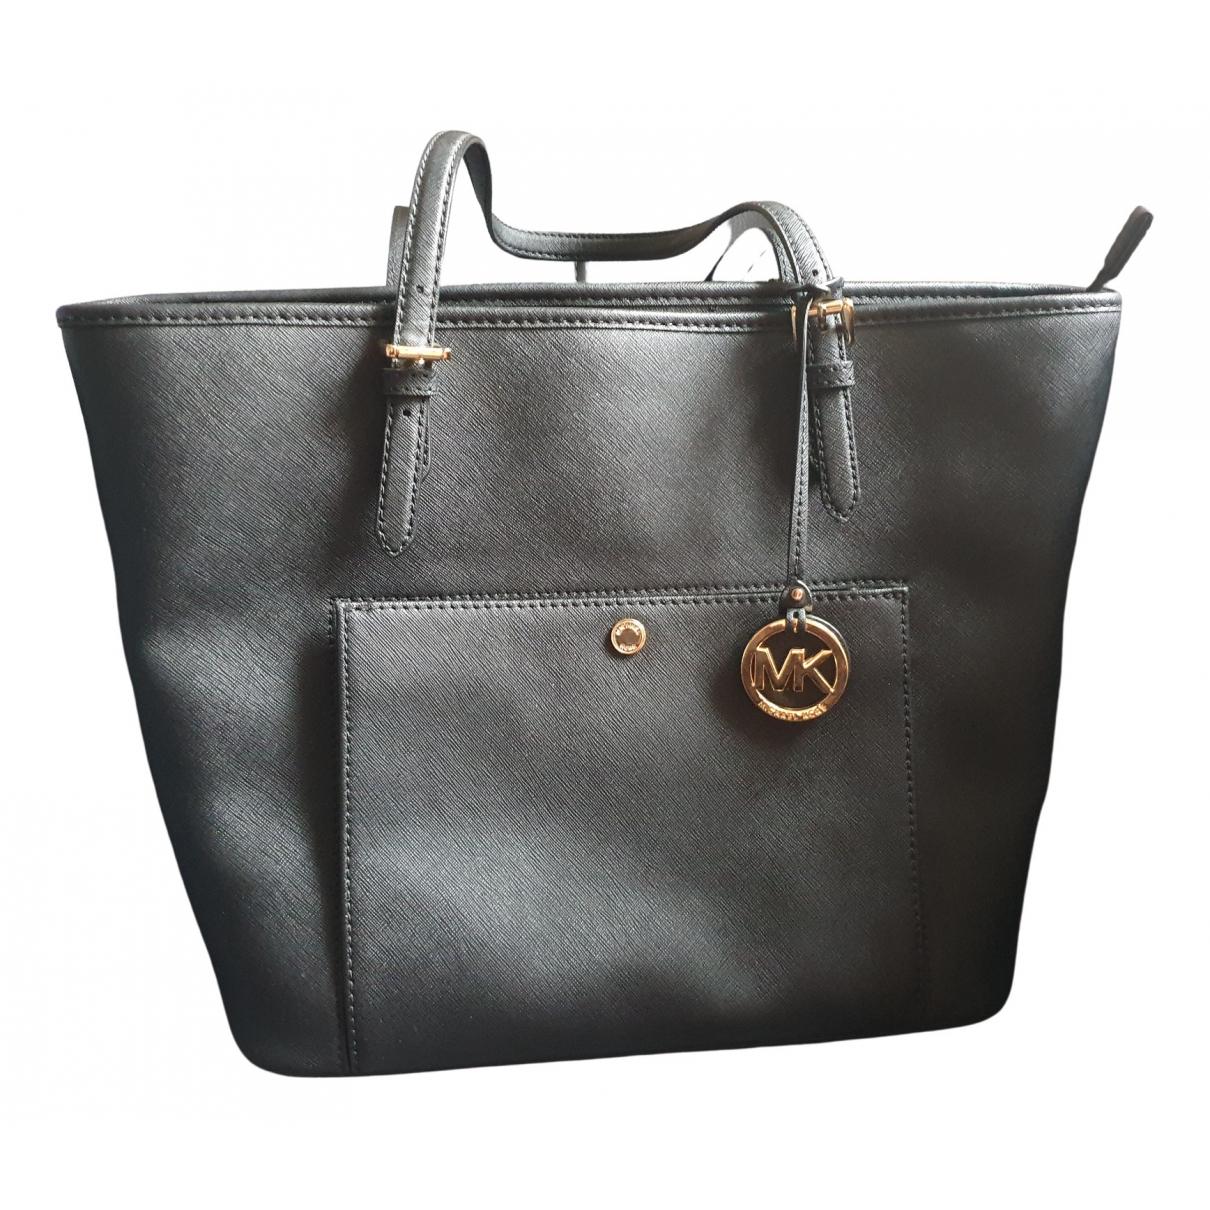 Michael Kors Jet Set Black Leather handbag for Women \N